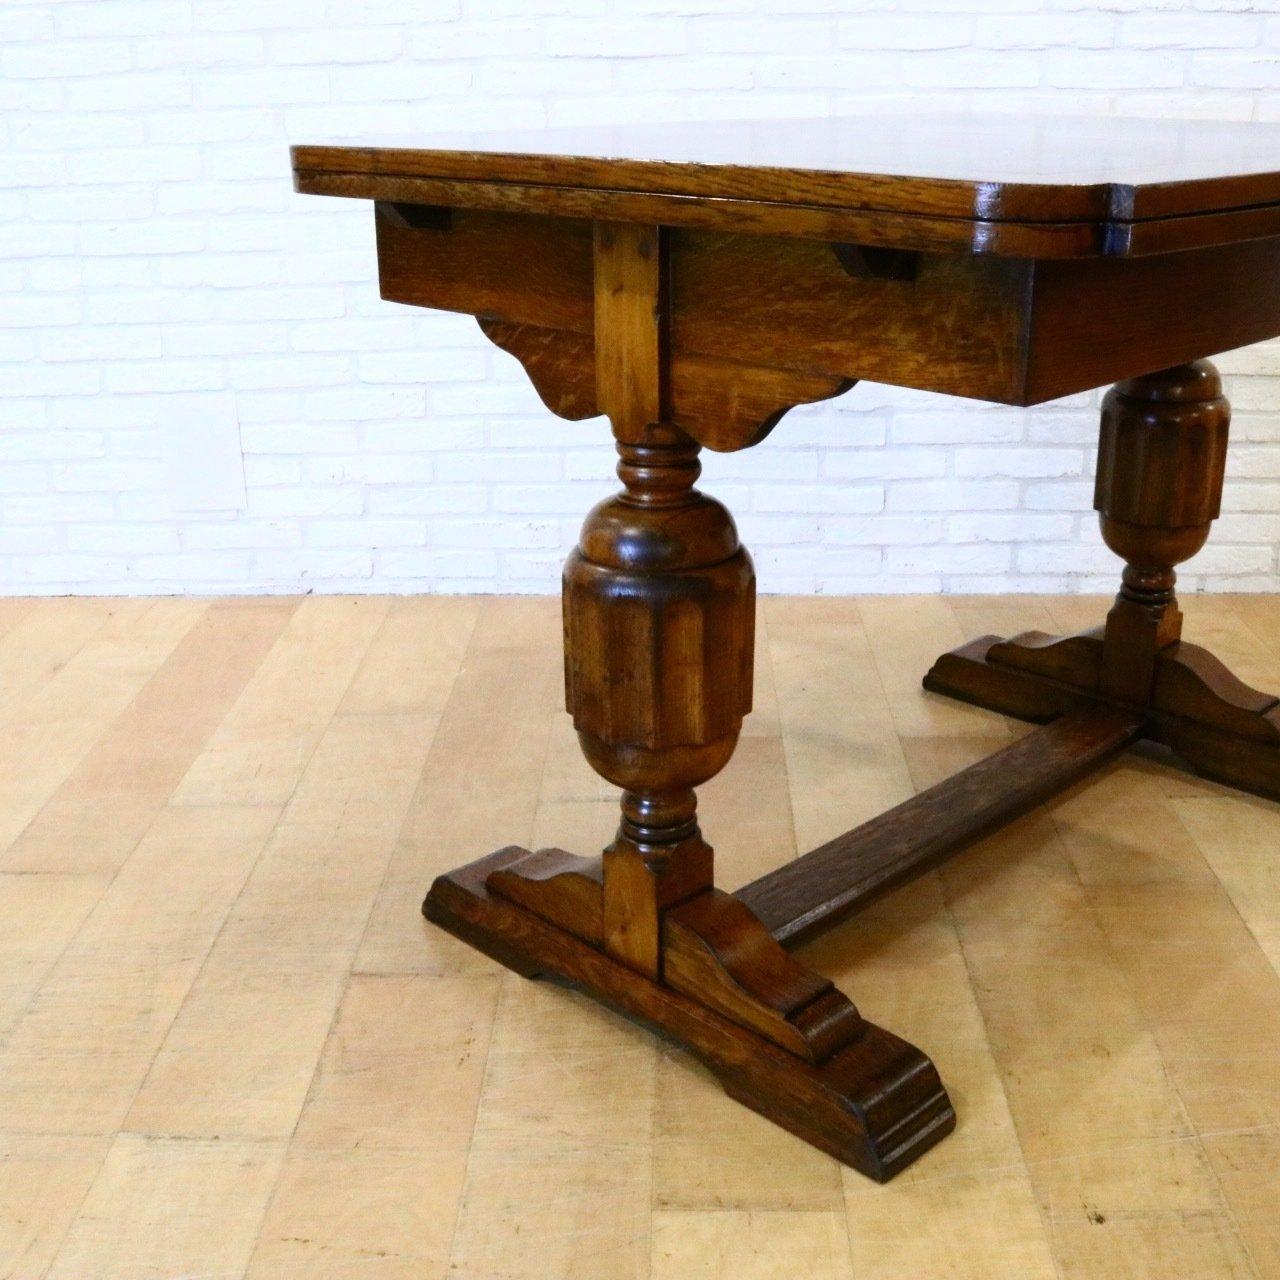 ブルボーズレッグのドローリーフテーブル(参考商品)